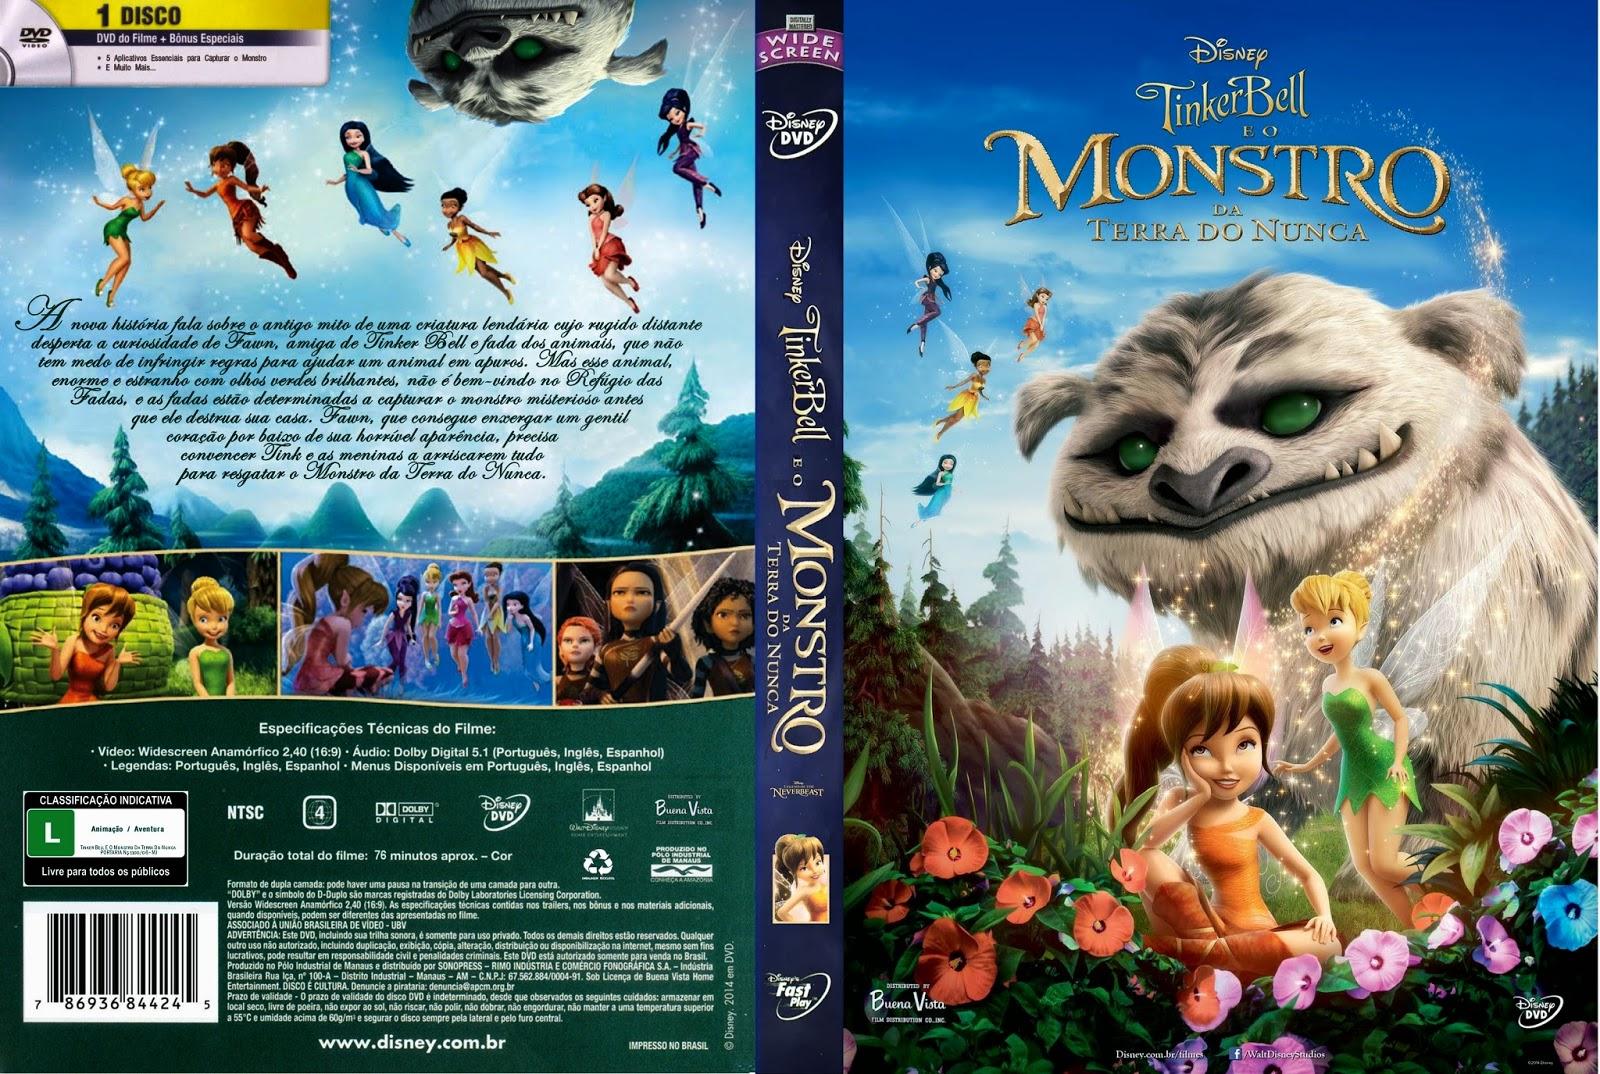 Tinker Bell e o Monstro da Terra do Nunca BDRip XviD Dual Áudio Tinker 2BBell 2BE 2BO 2BMonstro 2BDa 2BTerra 2BDo 2BNunca